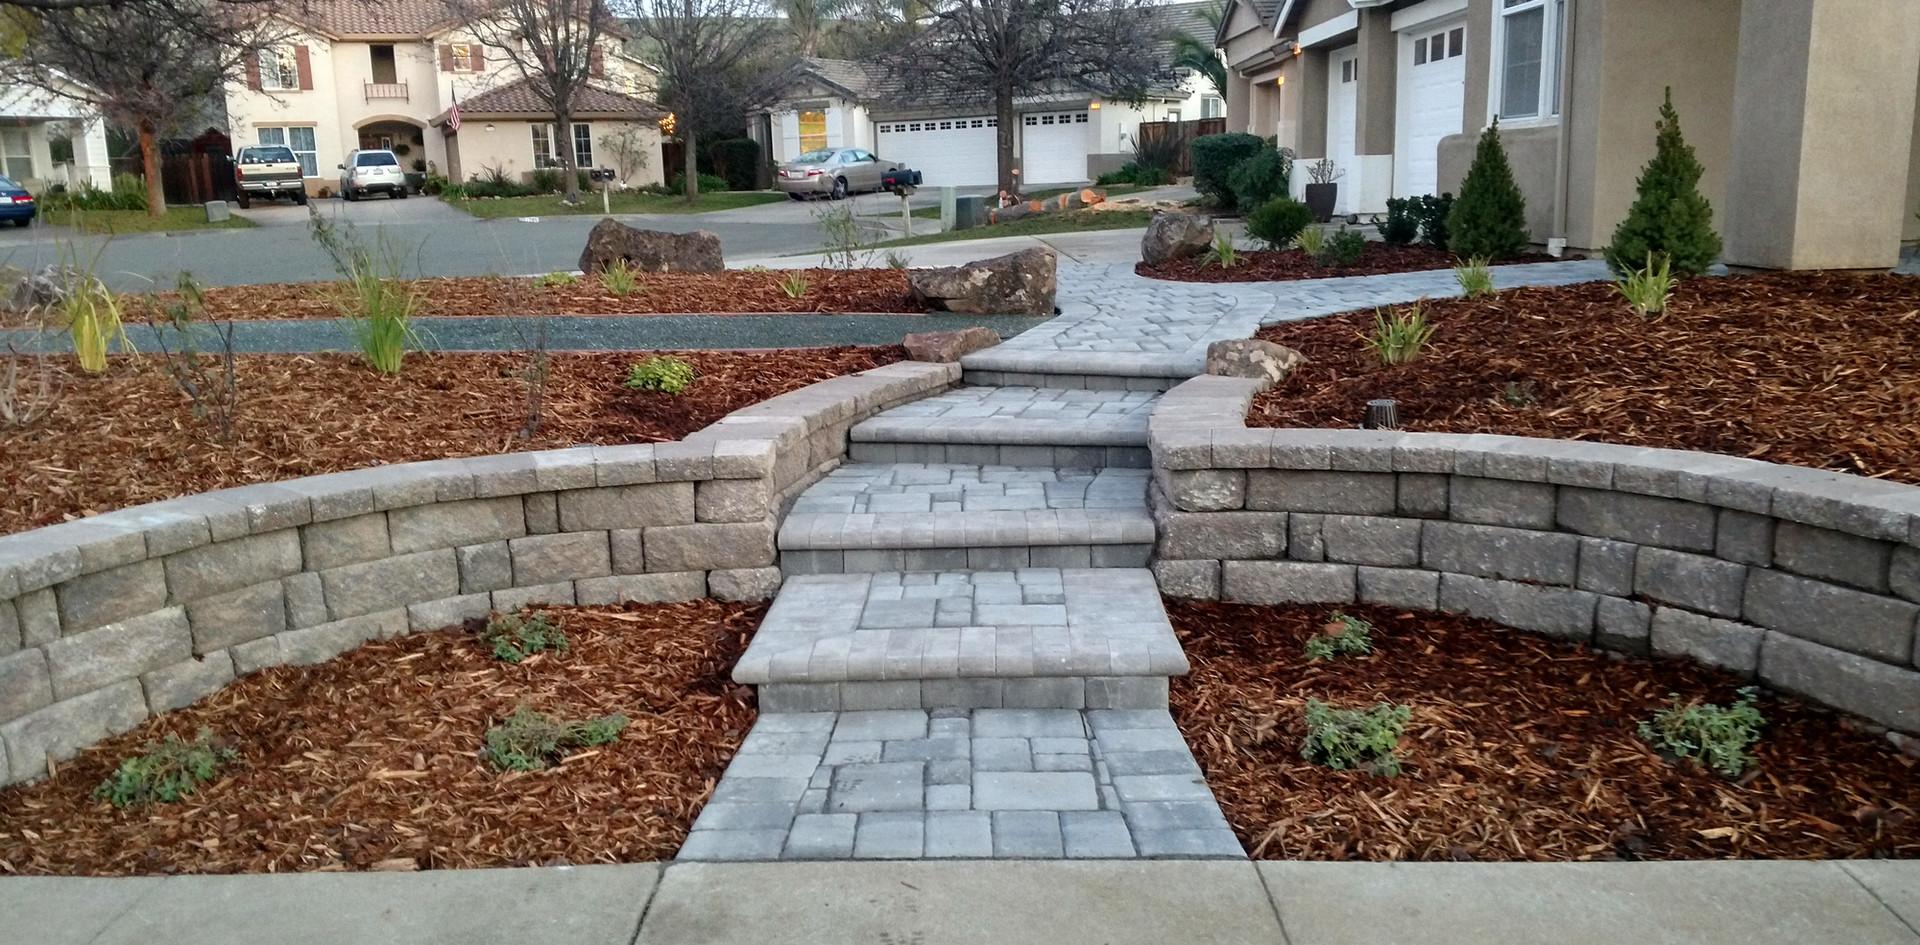 Unique solid walkway